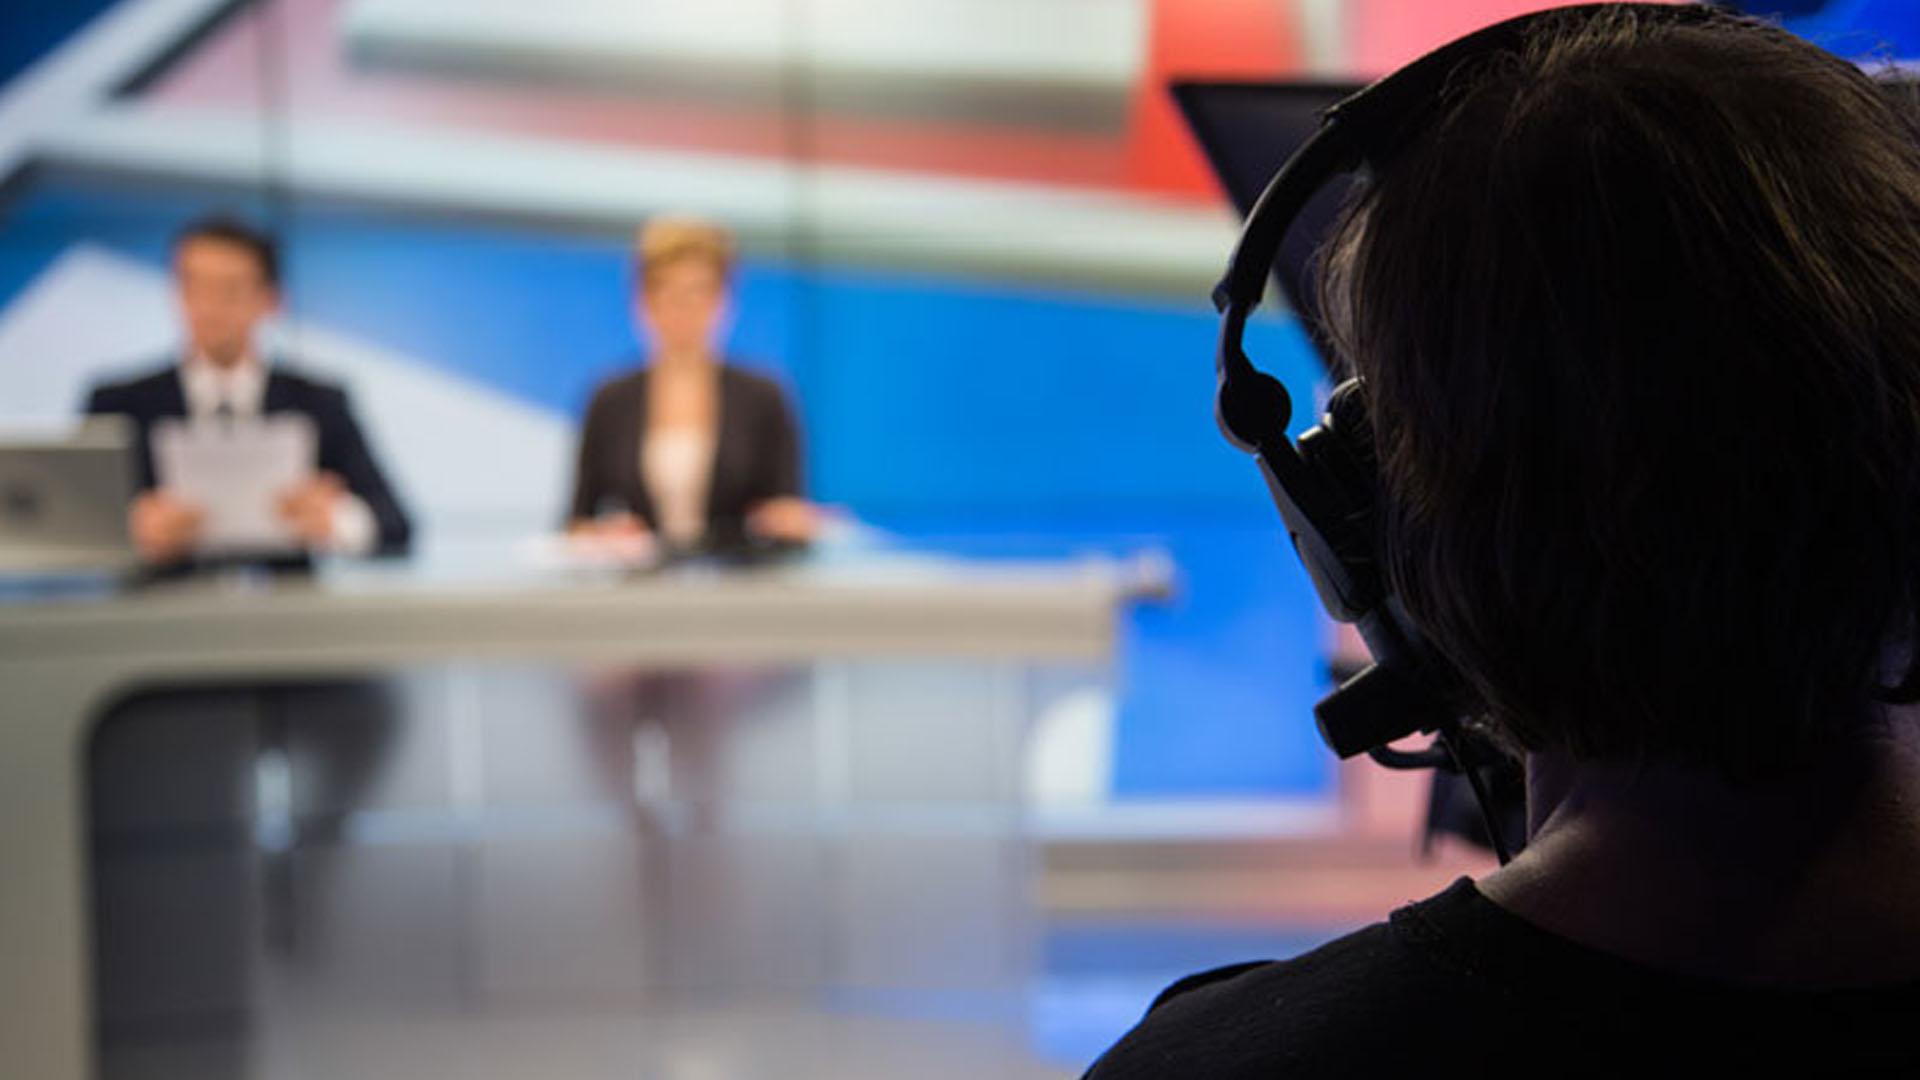 La noticia ha despertado la alarma por las implicaciones que el presentador virtual pueda tener en el futuro (Foto: @simonkr)